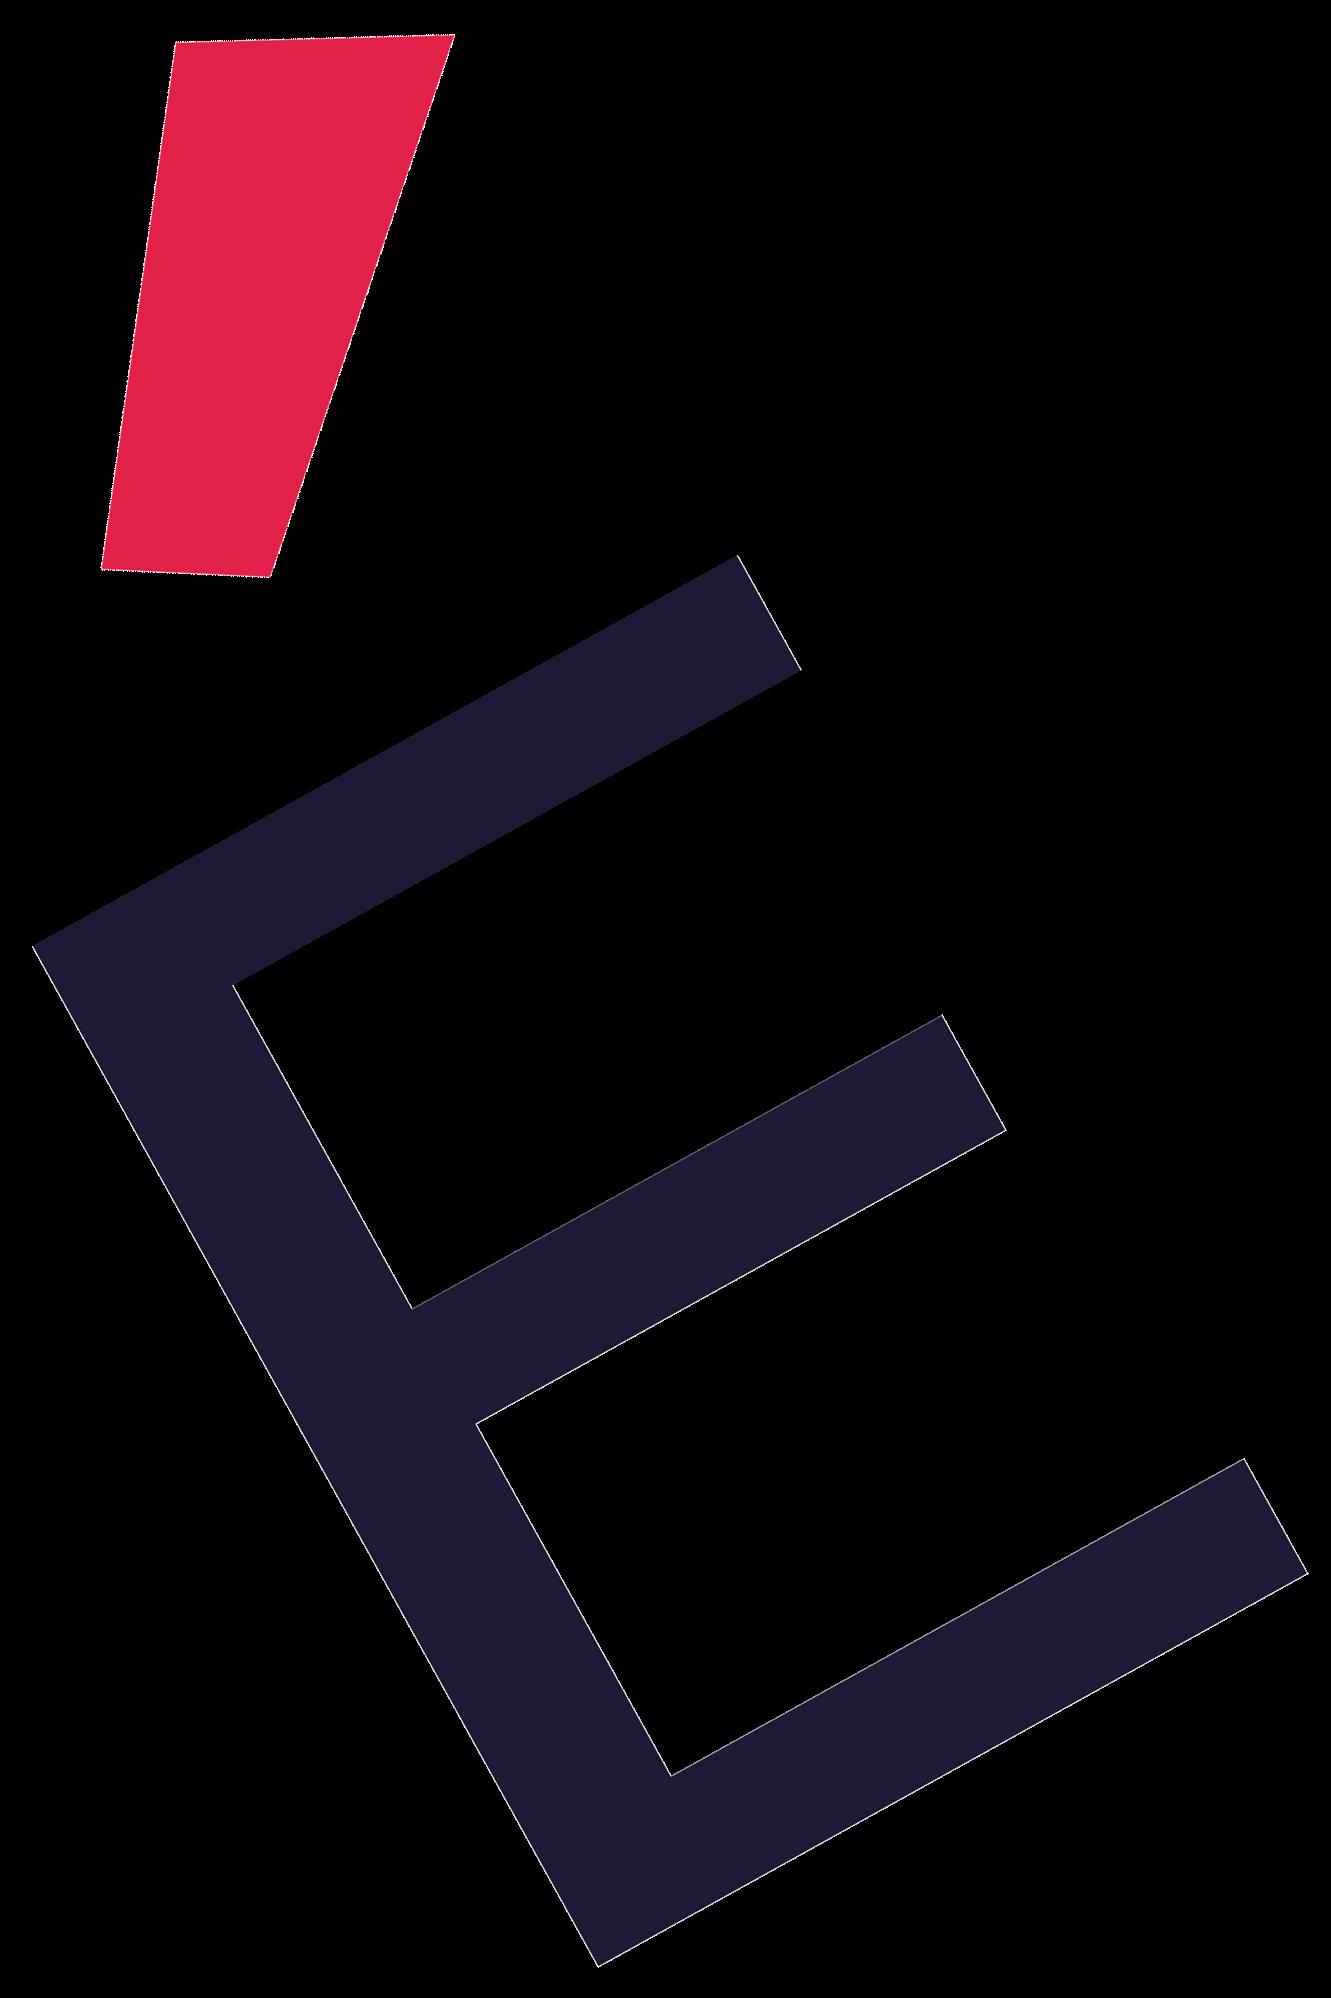 Icono-bicolor giradopng